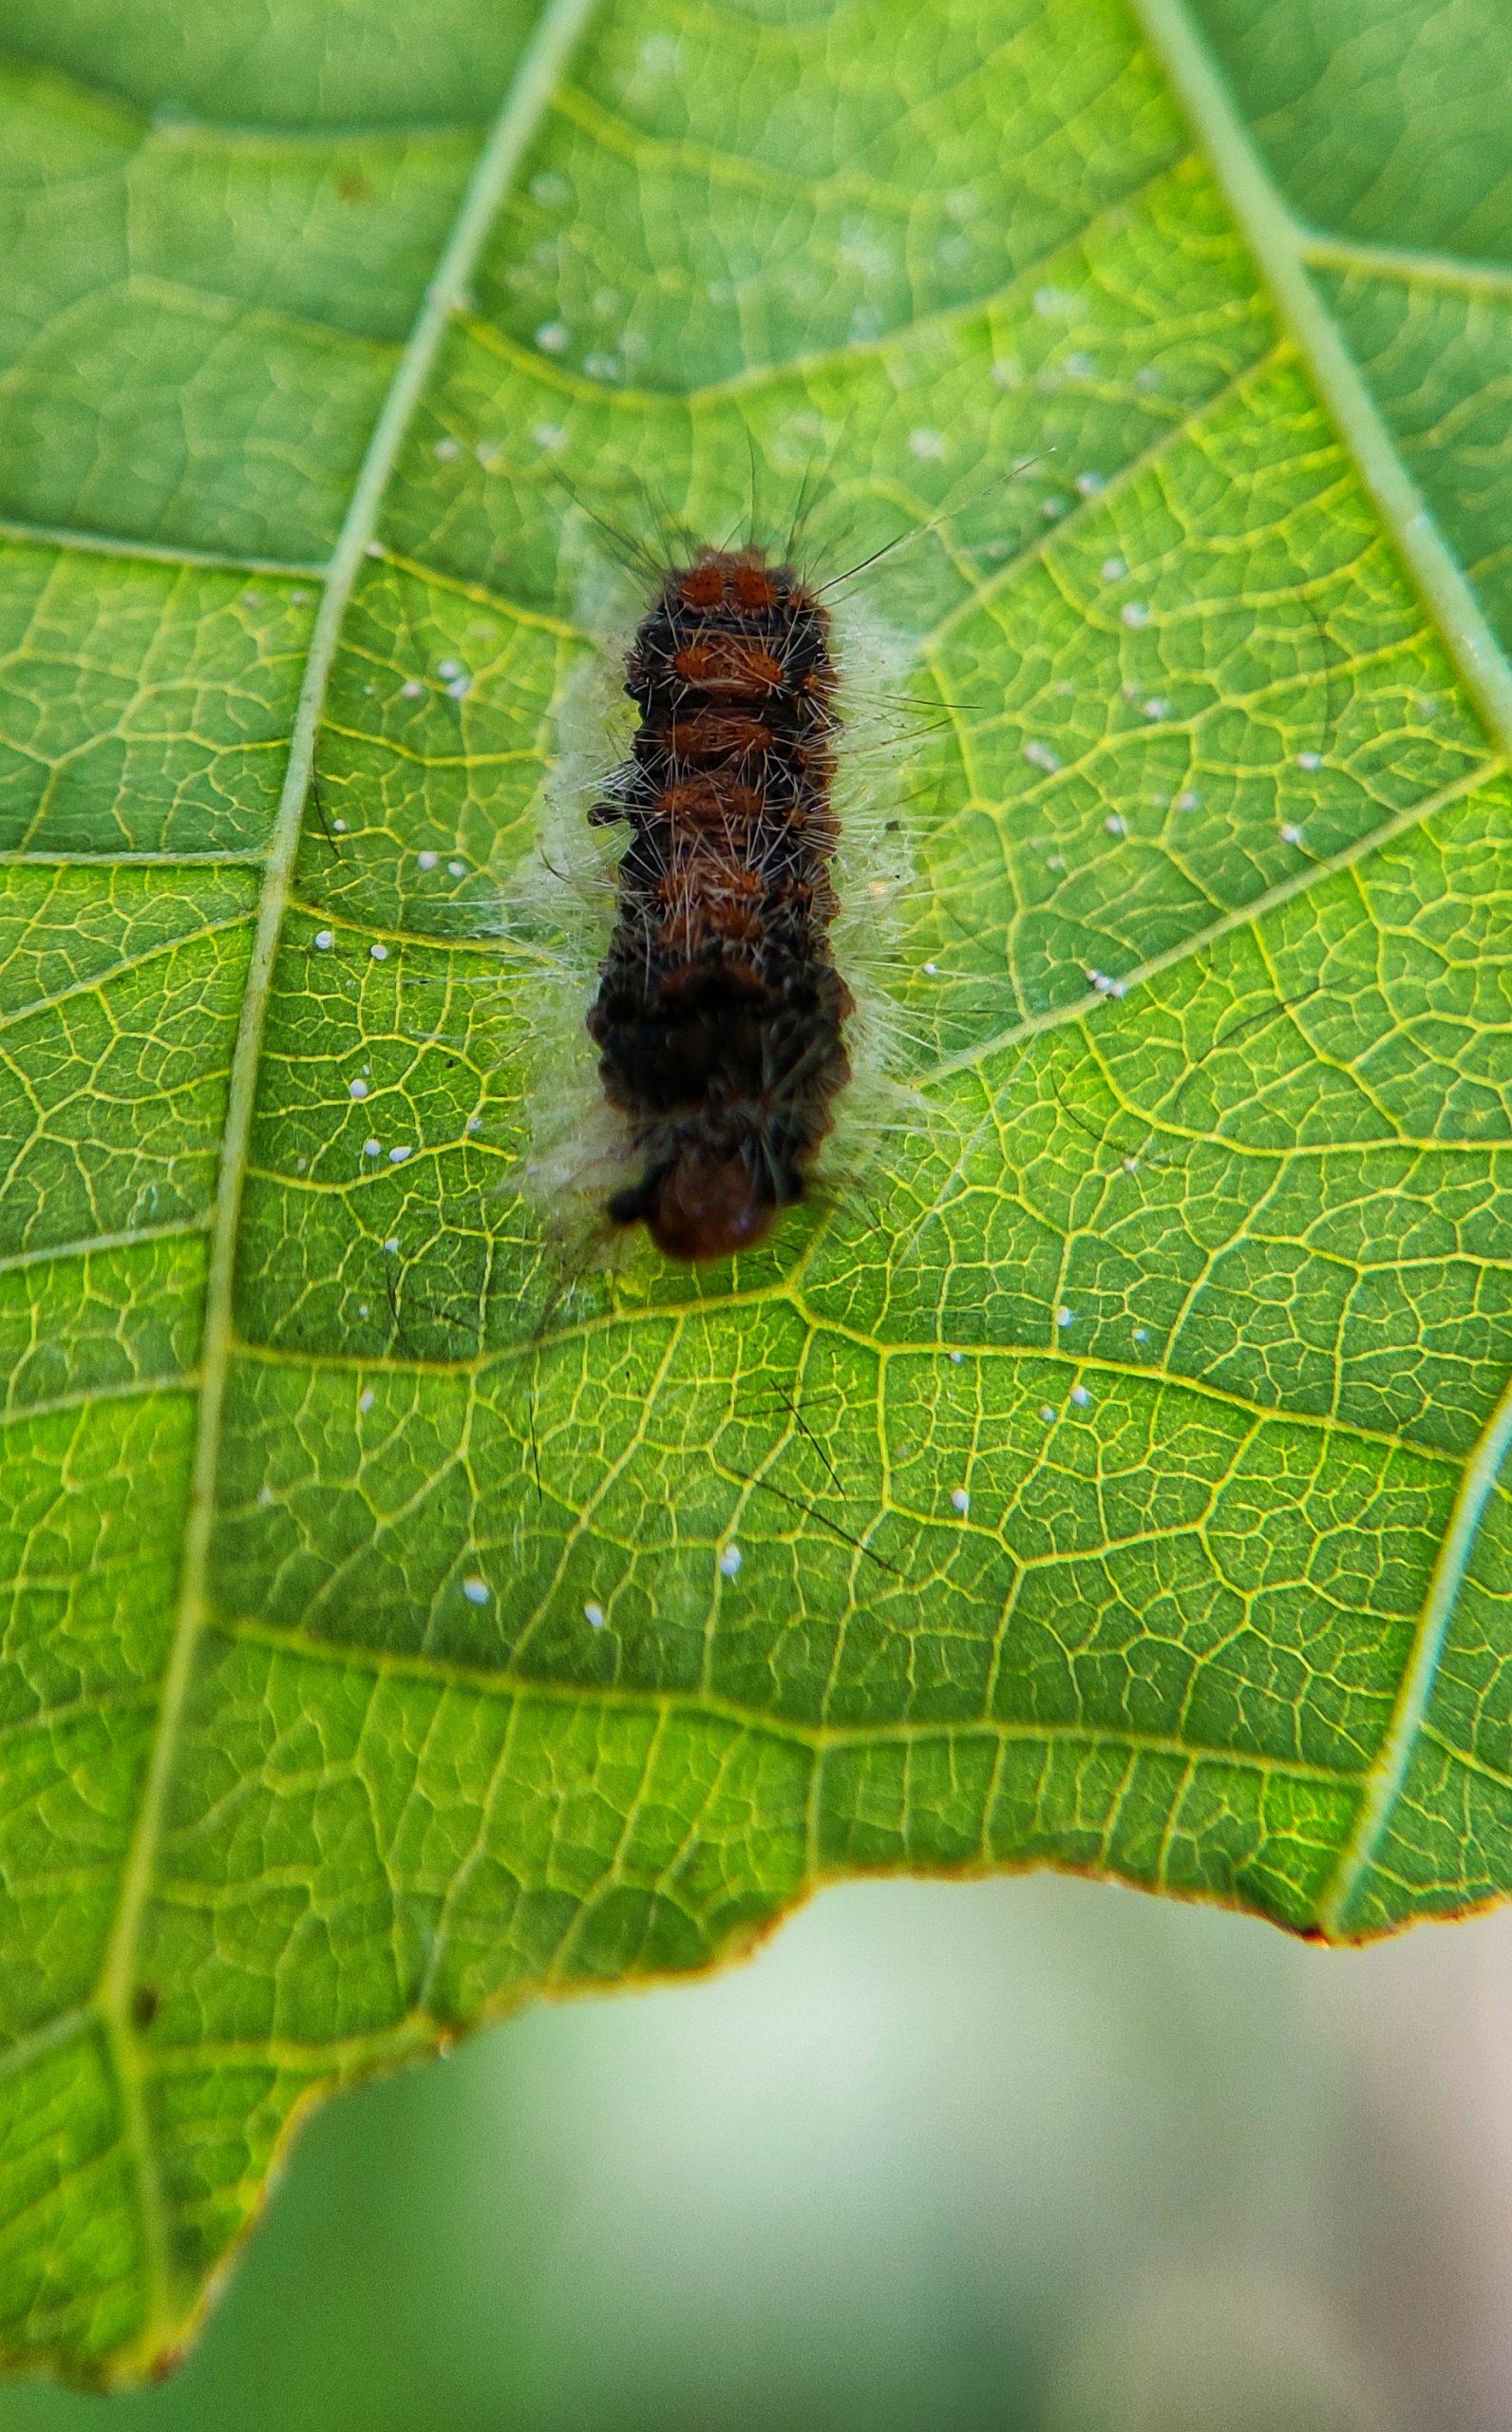 A thorny worm on a leaf